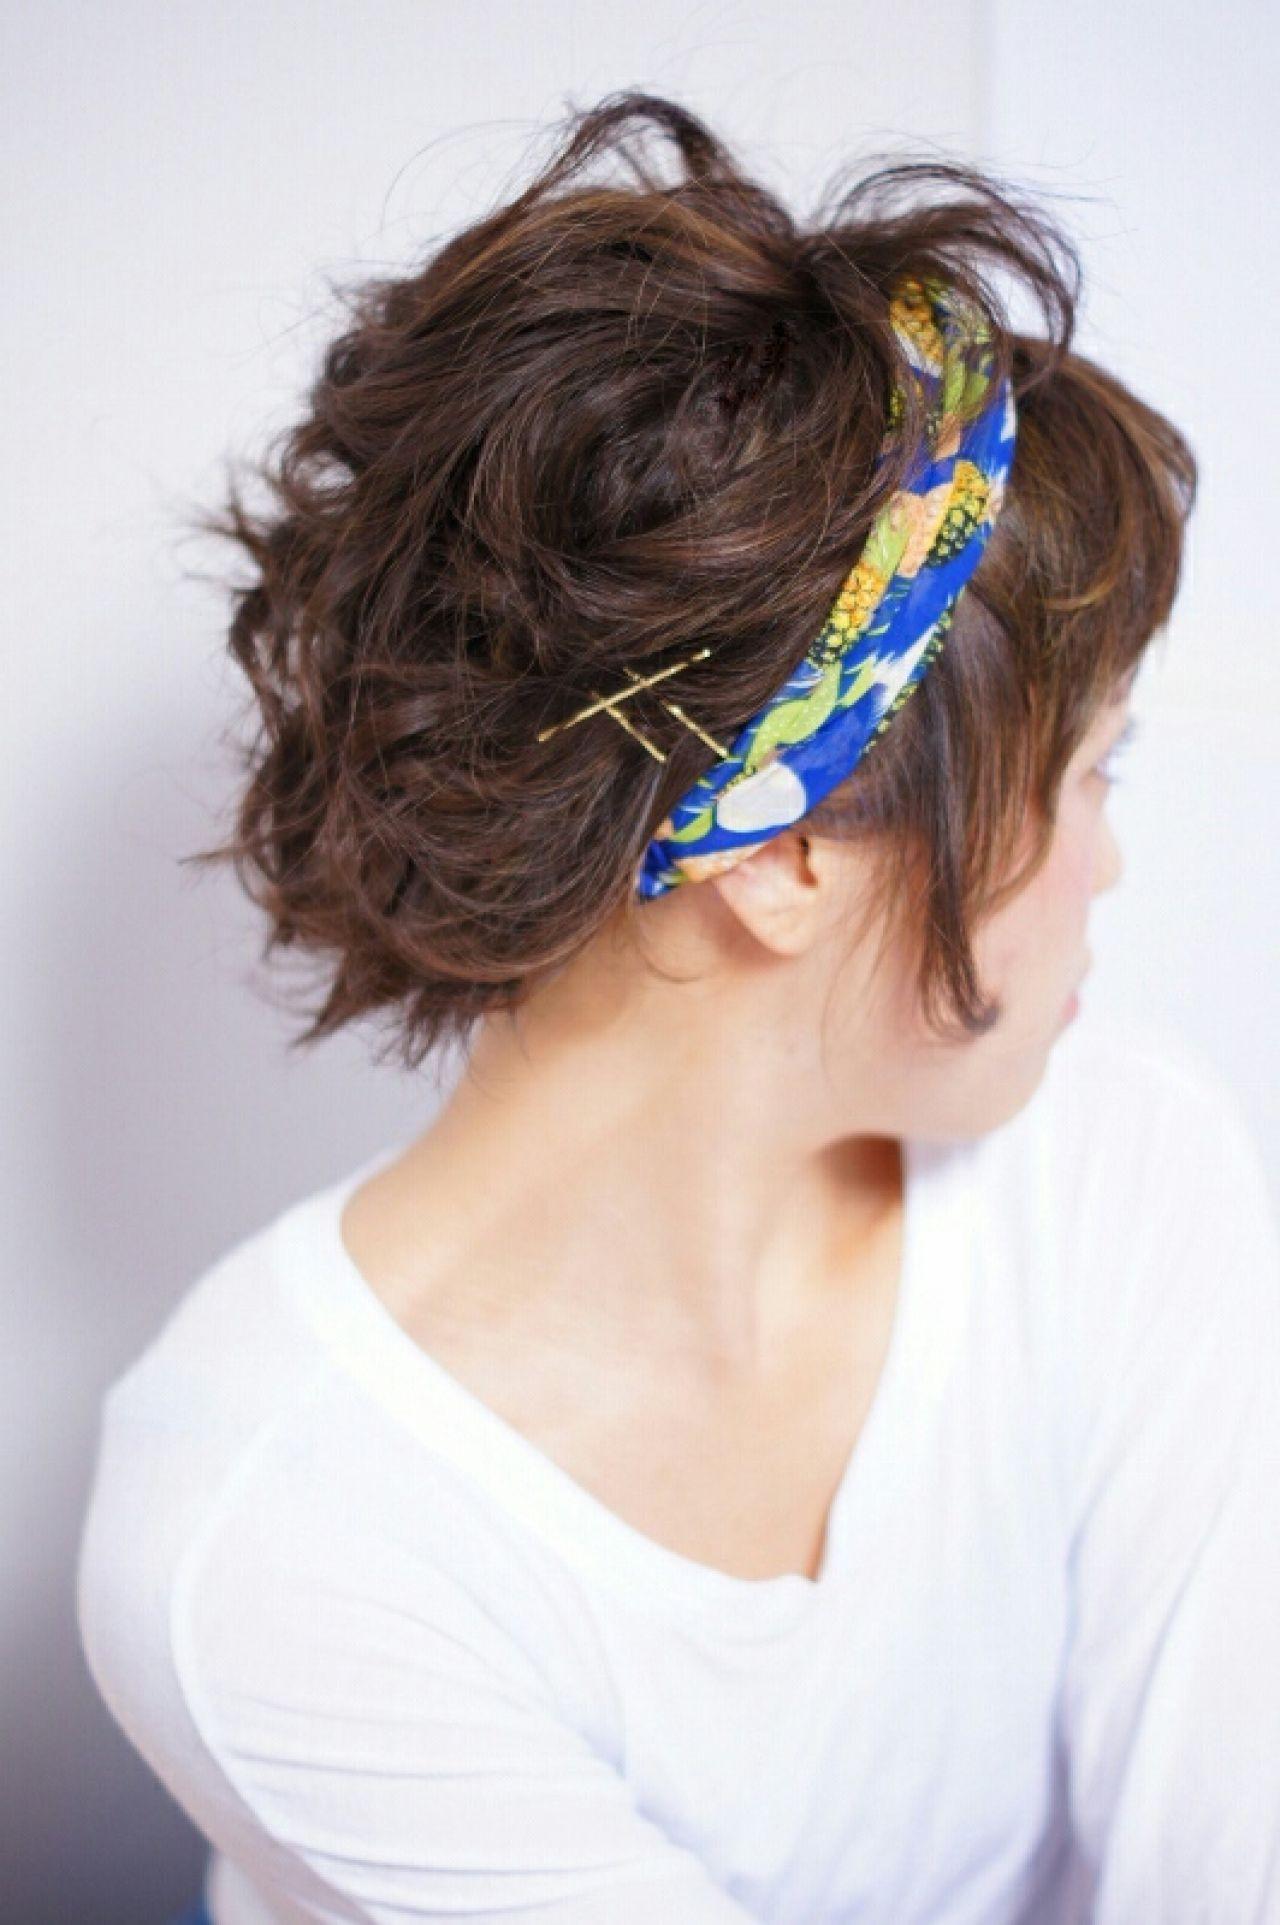 ショートだからこそかわいい♡ヘアバンドを使ったヘアアレンジ♪ Ciel Hairdesign 代表 今田 亮  Ciel Hairdesign(シエルヘアーデザイン)